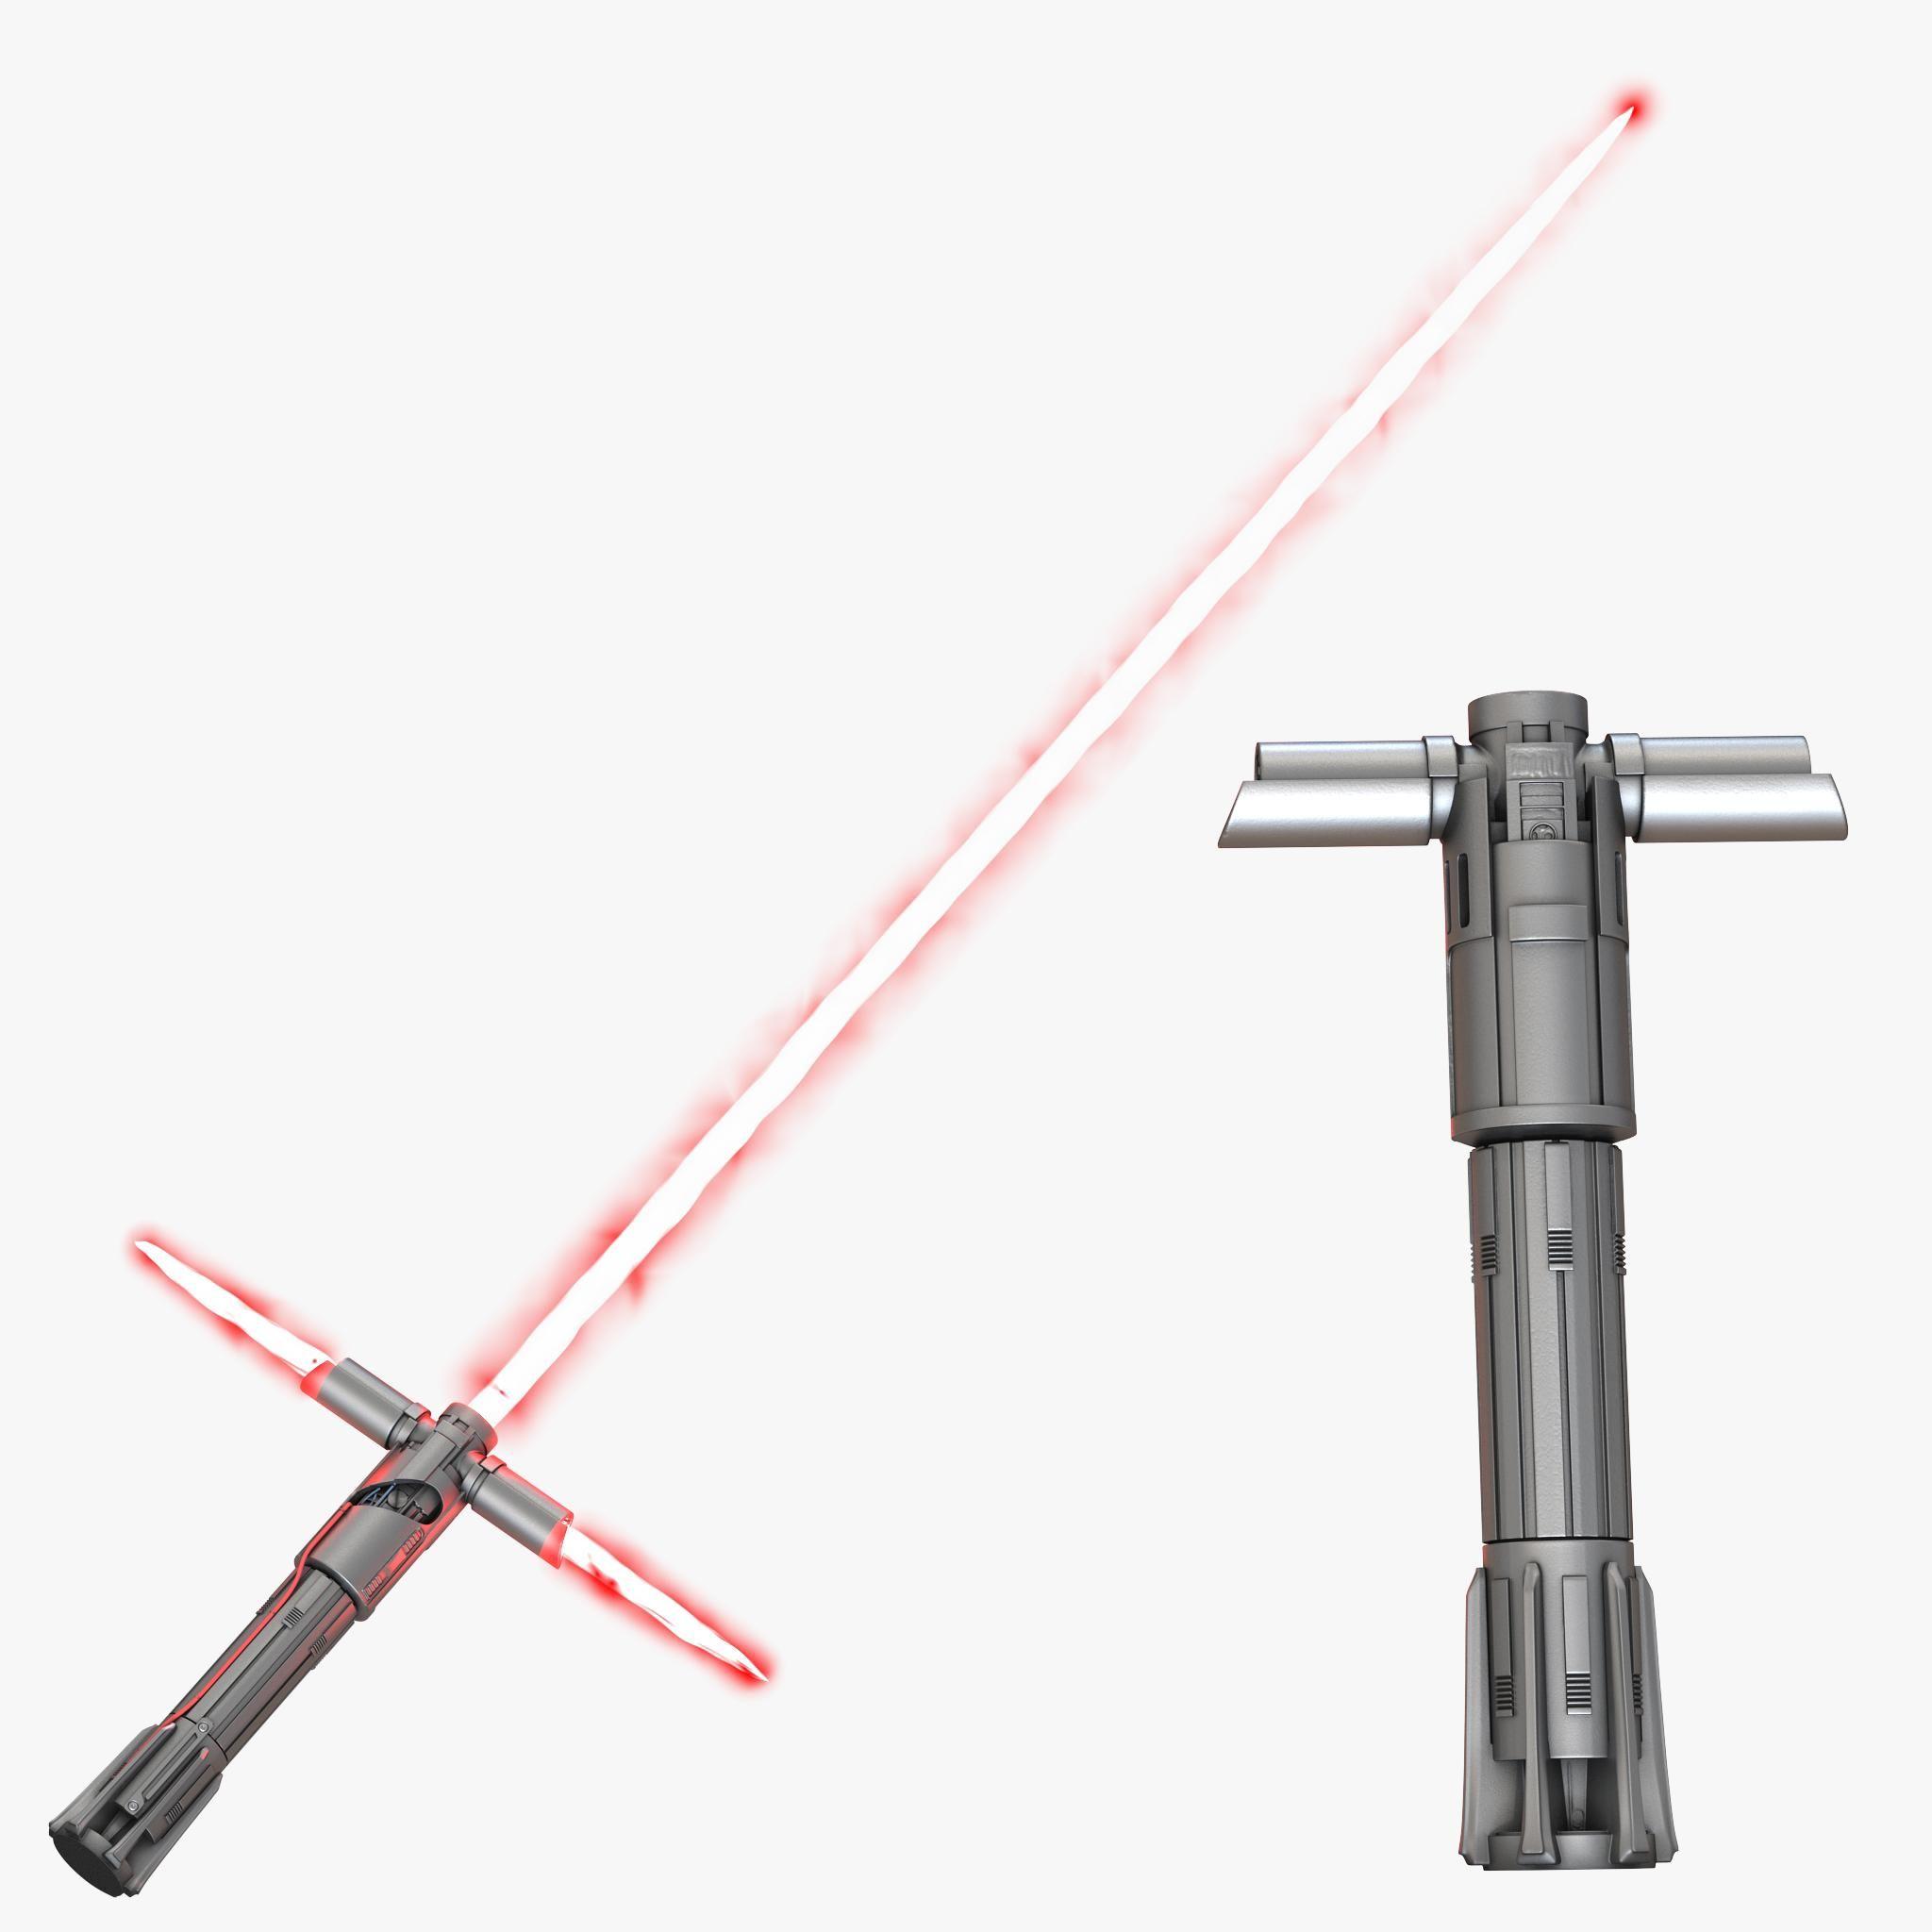 световой меч кайло рена картинки использует